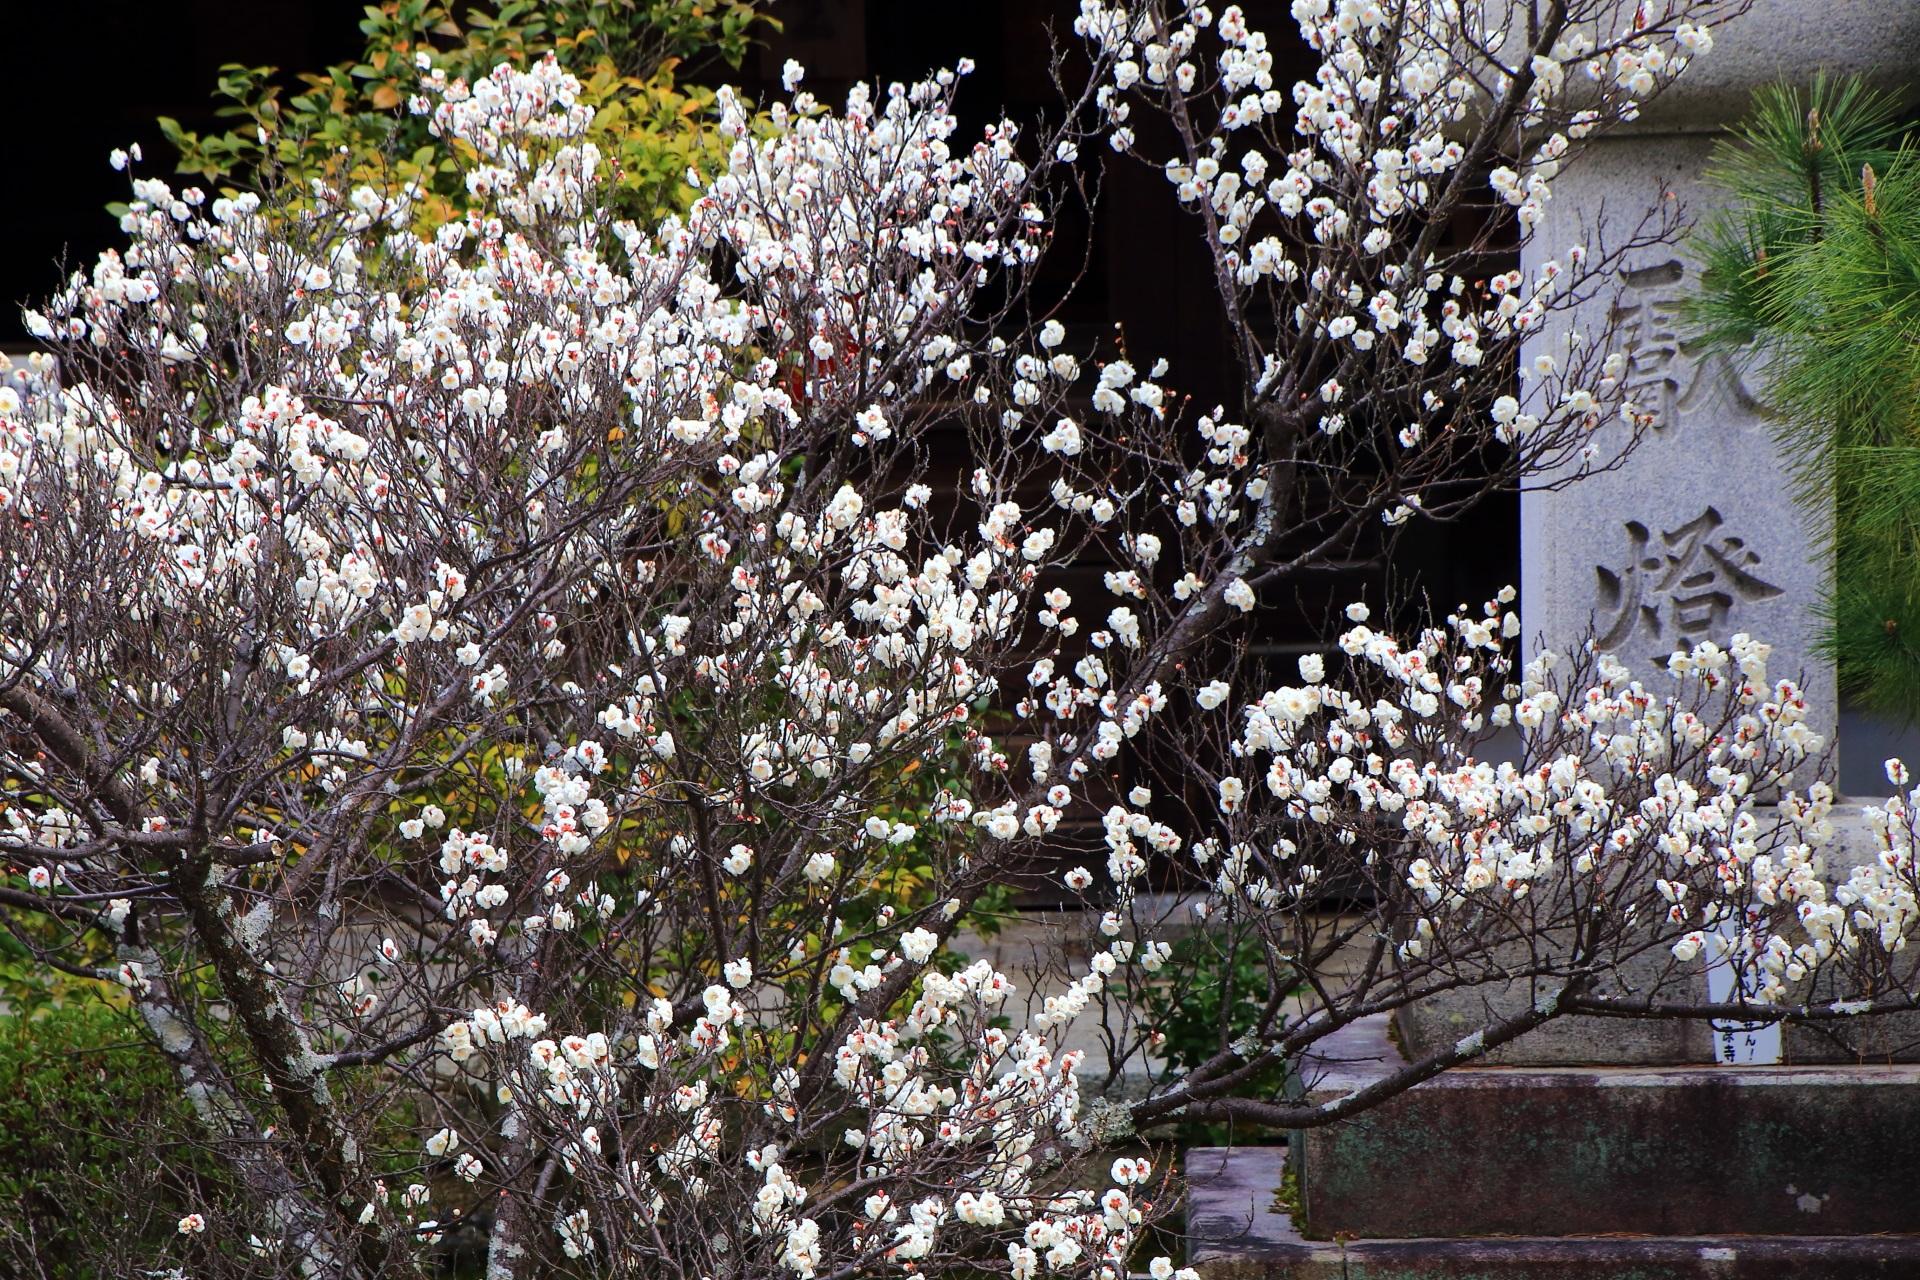 雪が積もるように咲く嵯峨釈迦堂の白梅